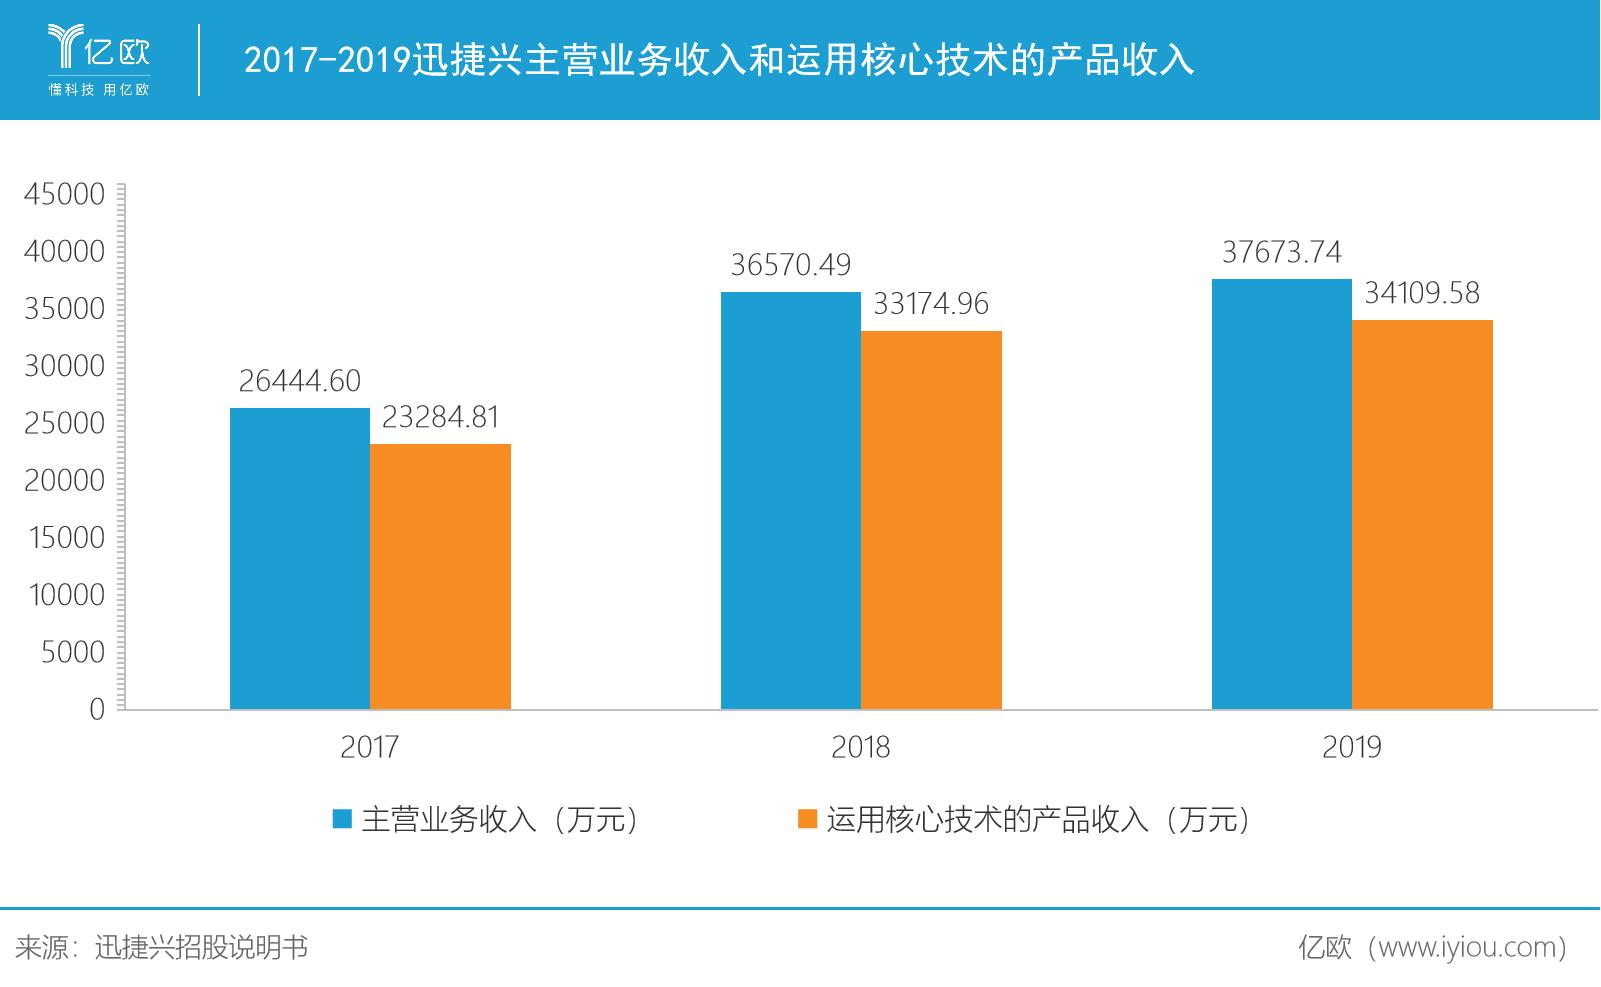 2017-2019迅捷兴主营业务收入和运用核心技术的产品收入